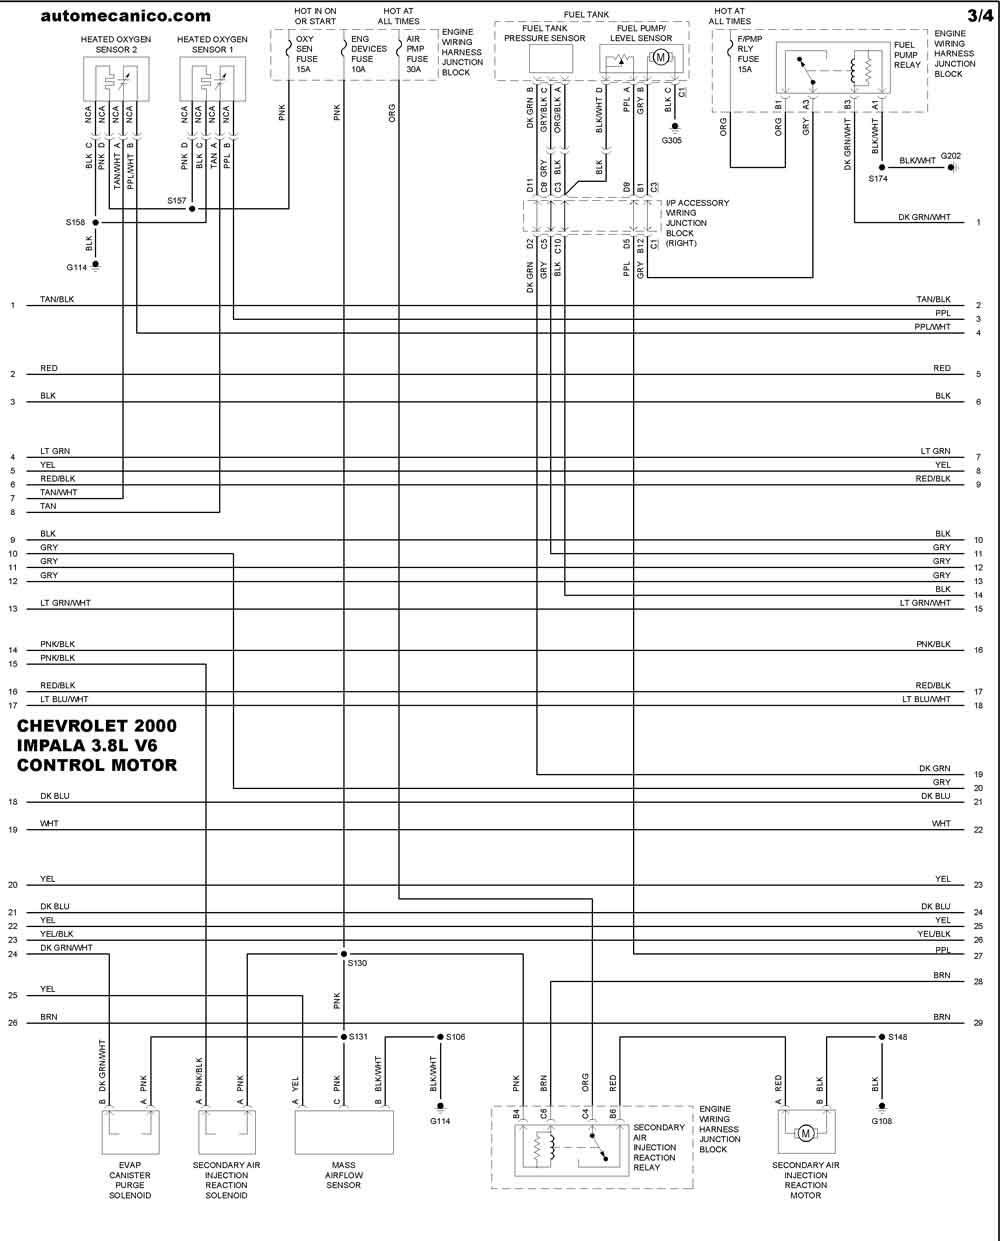 Chevrolet 2000 Diagramas Control Del Motor Vehiculos